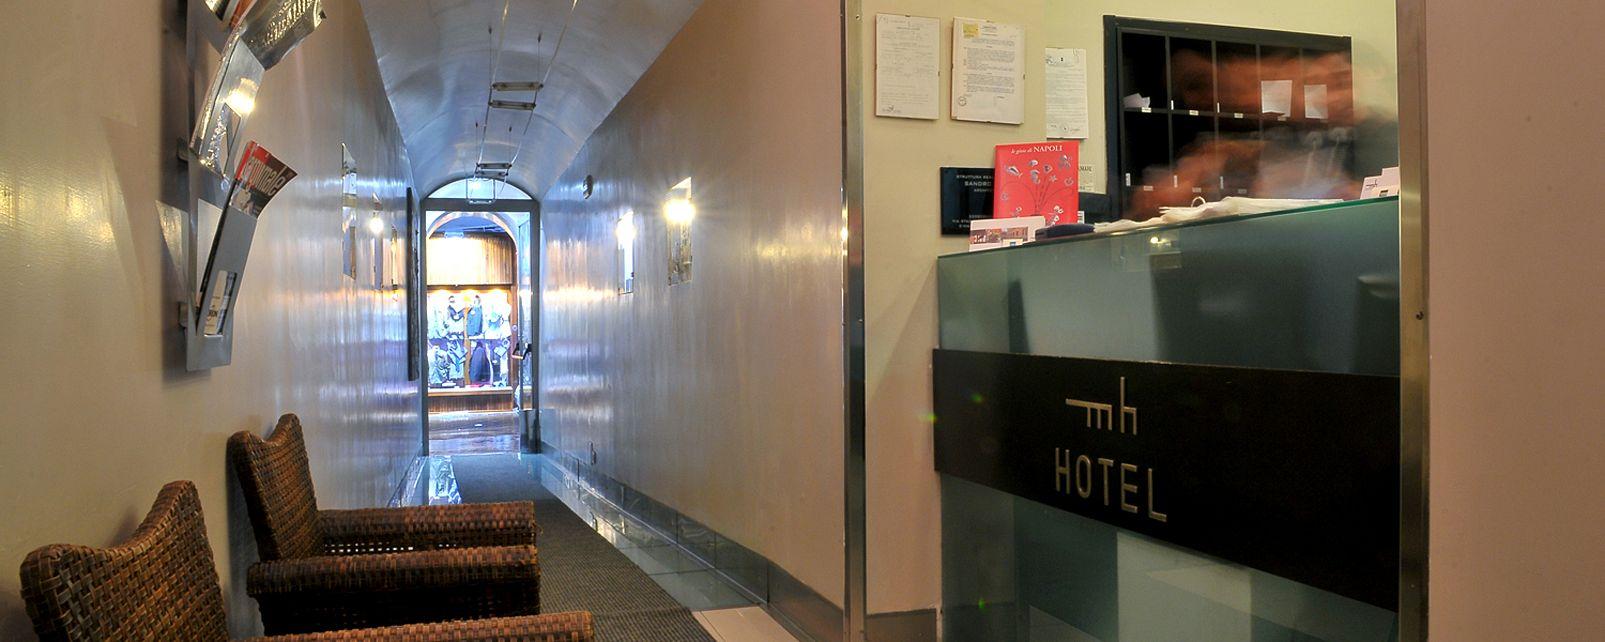 Hôtel MH Design Hotel